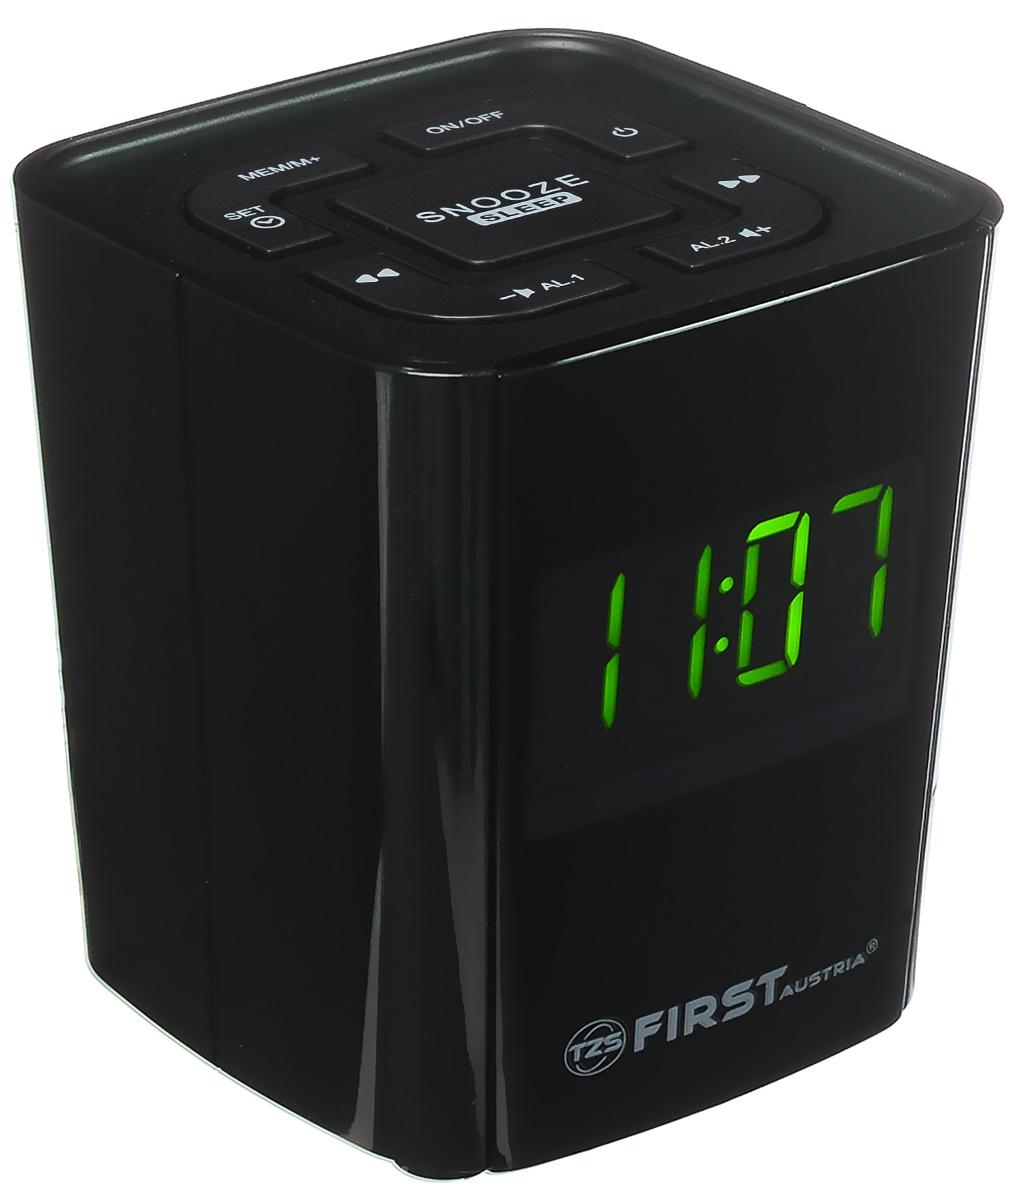 First FA-2406-2, Black радиочасыFA-2406-2 BlackFirst FA-2406-2 - компактные радиочасы с LED-дисплеем, диагональ которого 0,7. Устройство имеет кварцевый стабилизатор, а также различные дополнительные функции: двойной будильник, регулировка громкости, пробуждение под музыку. Вы также можете активировать отложенный сигнал чтобы поспать еще немного времени. Будильник отключится и прозвенит через 9 минут.Резервное питание: 1 батарейка CR2032 (в комплект не входит)